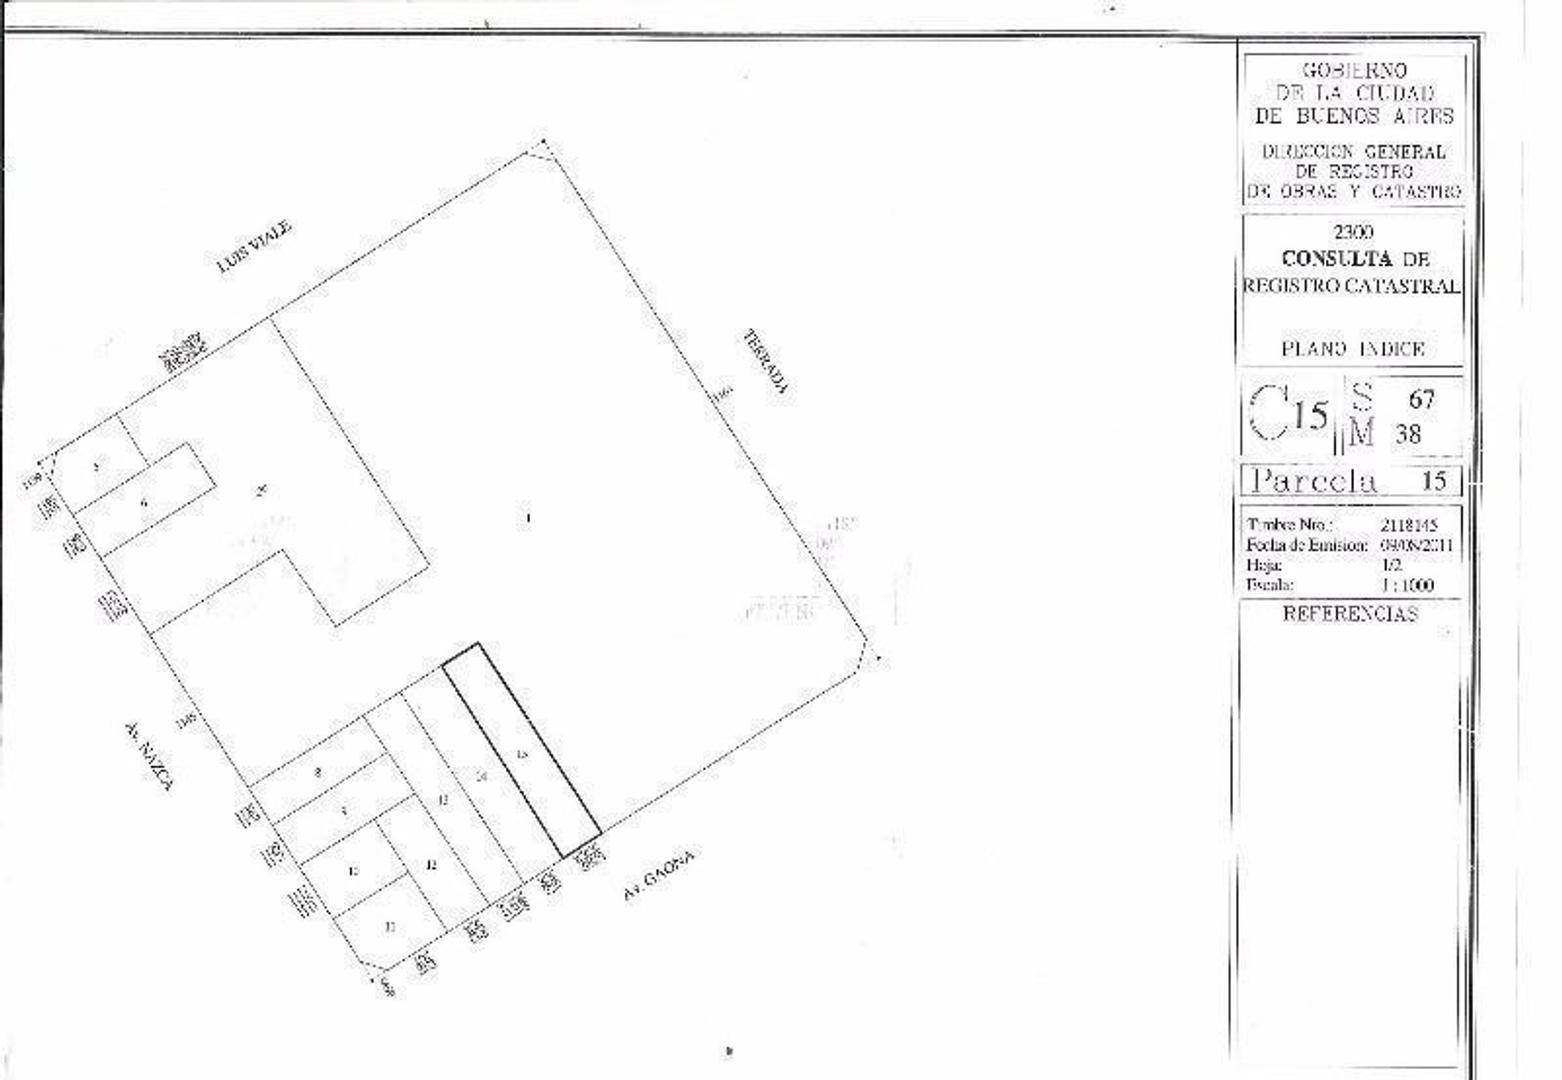 LOTE  S/  AV GAONA  AL 3400 .  Para  2.250 m2 VENDIBLES